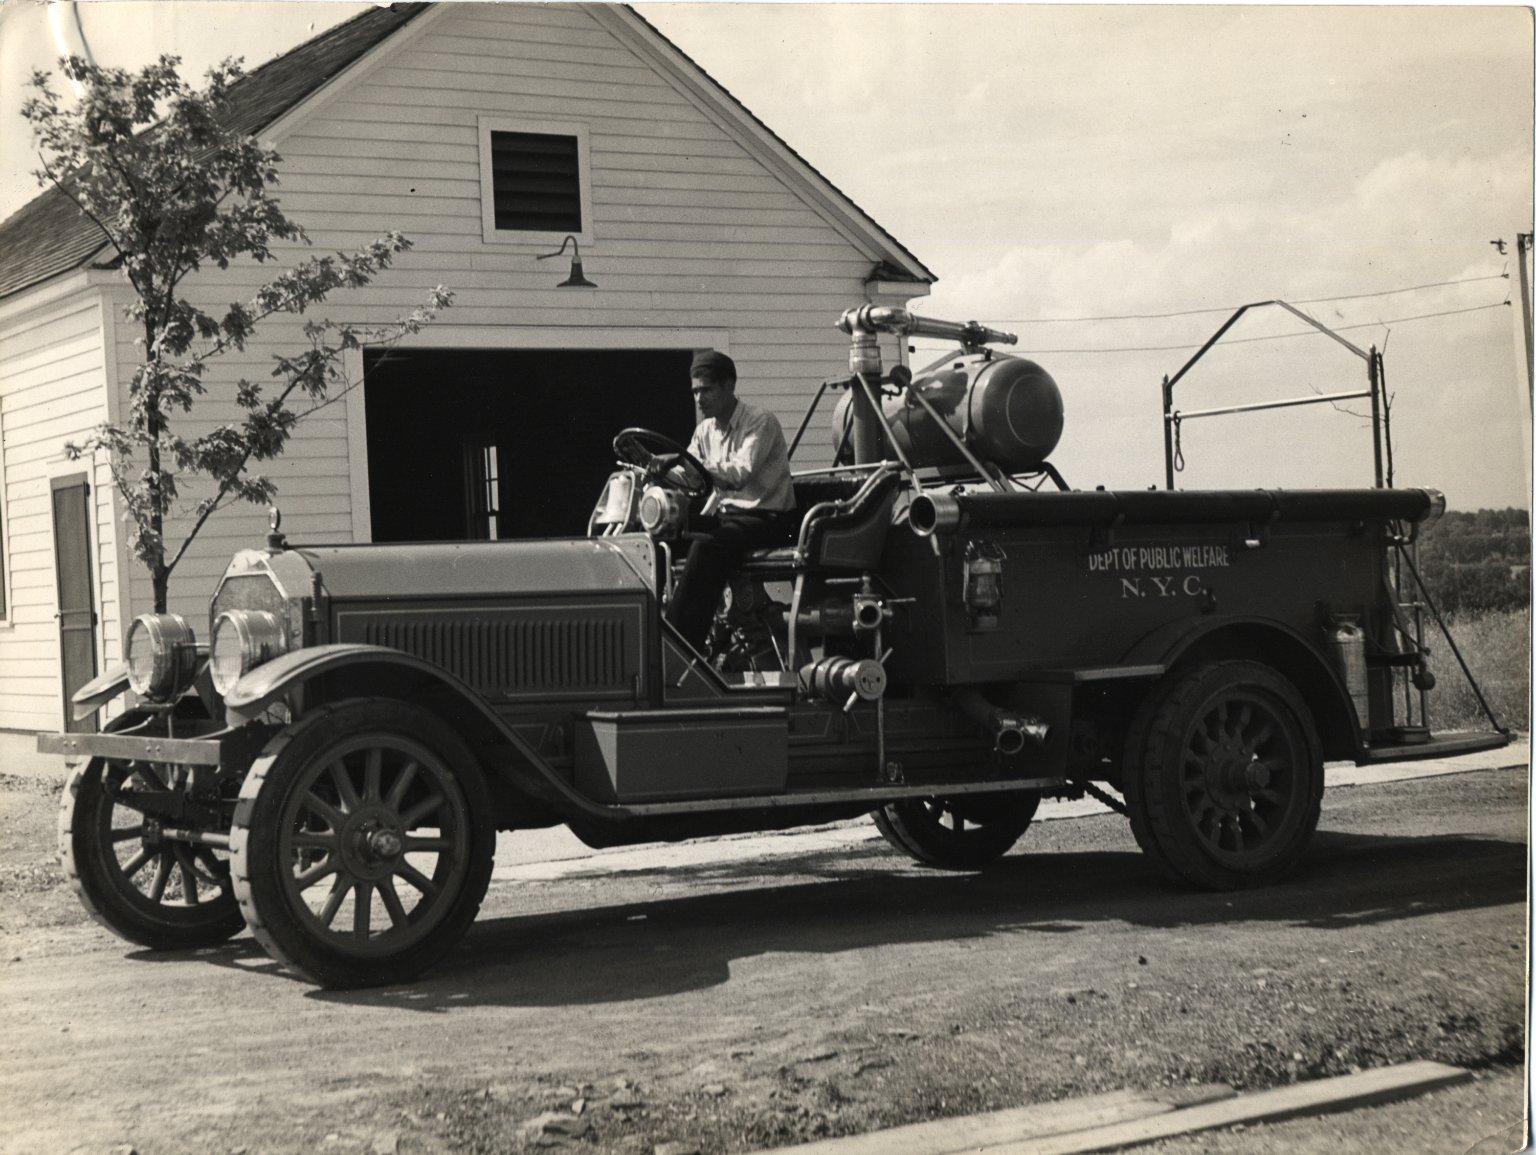 Списанный пожарный автомобиль. Нью-Йорк, США. 1950-е